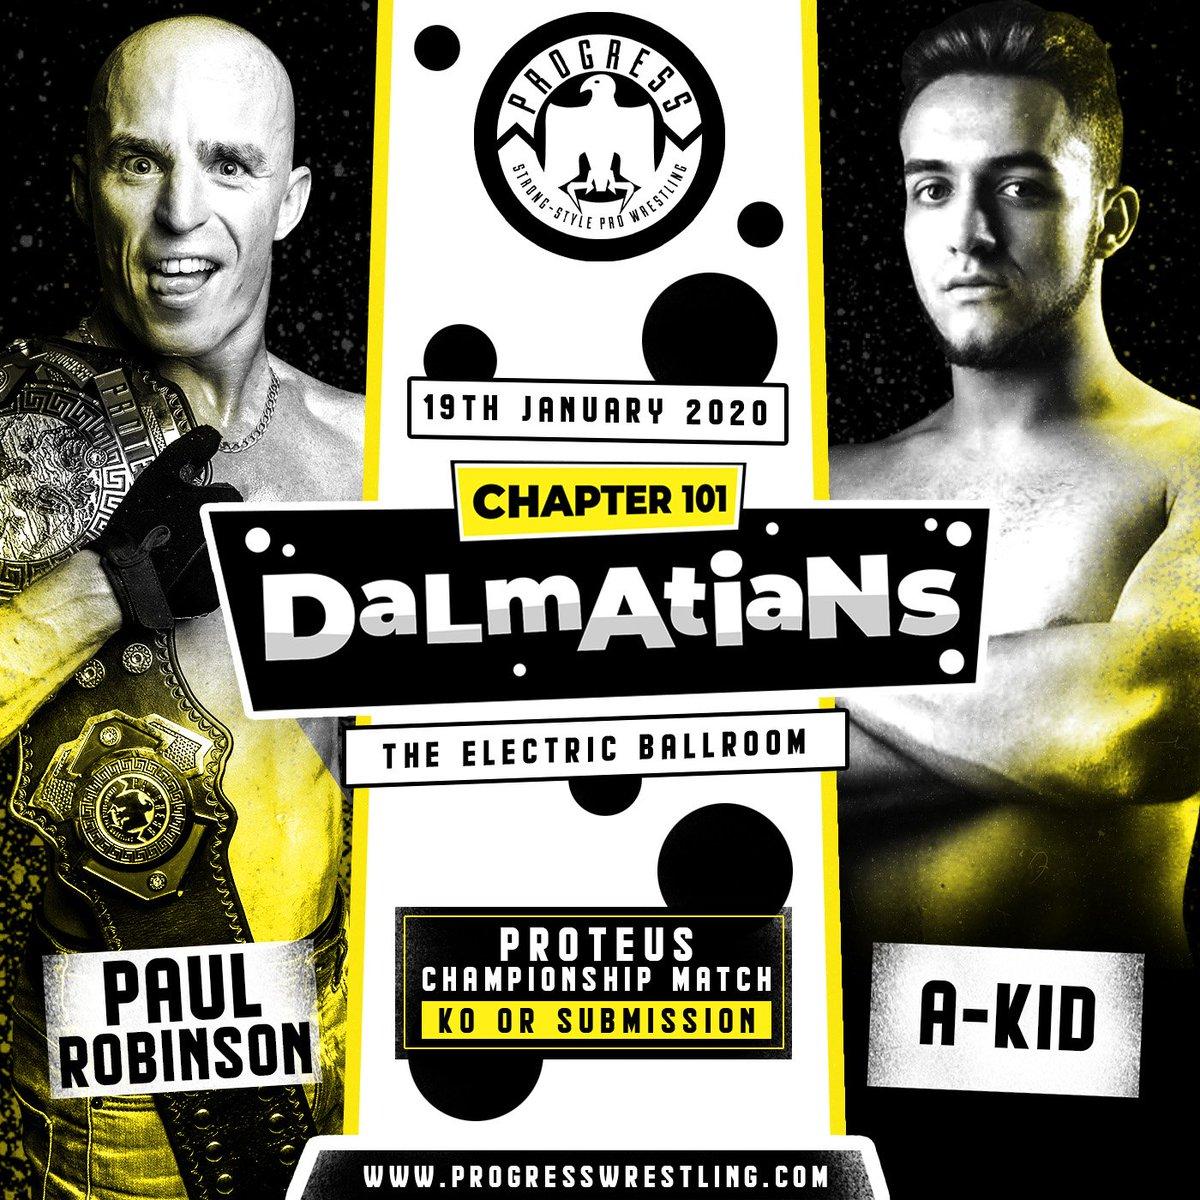 Hoy en Londres. Knockout o sumisión contra Paul Robinson.  No imagino una mejor manera de volver a @ThisIs_Progress